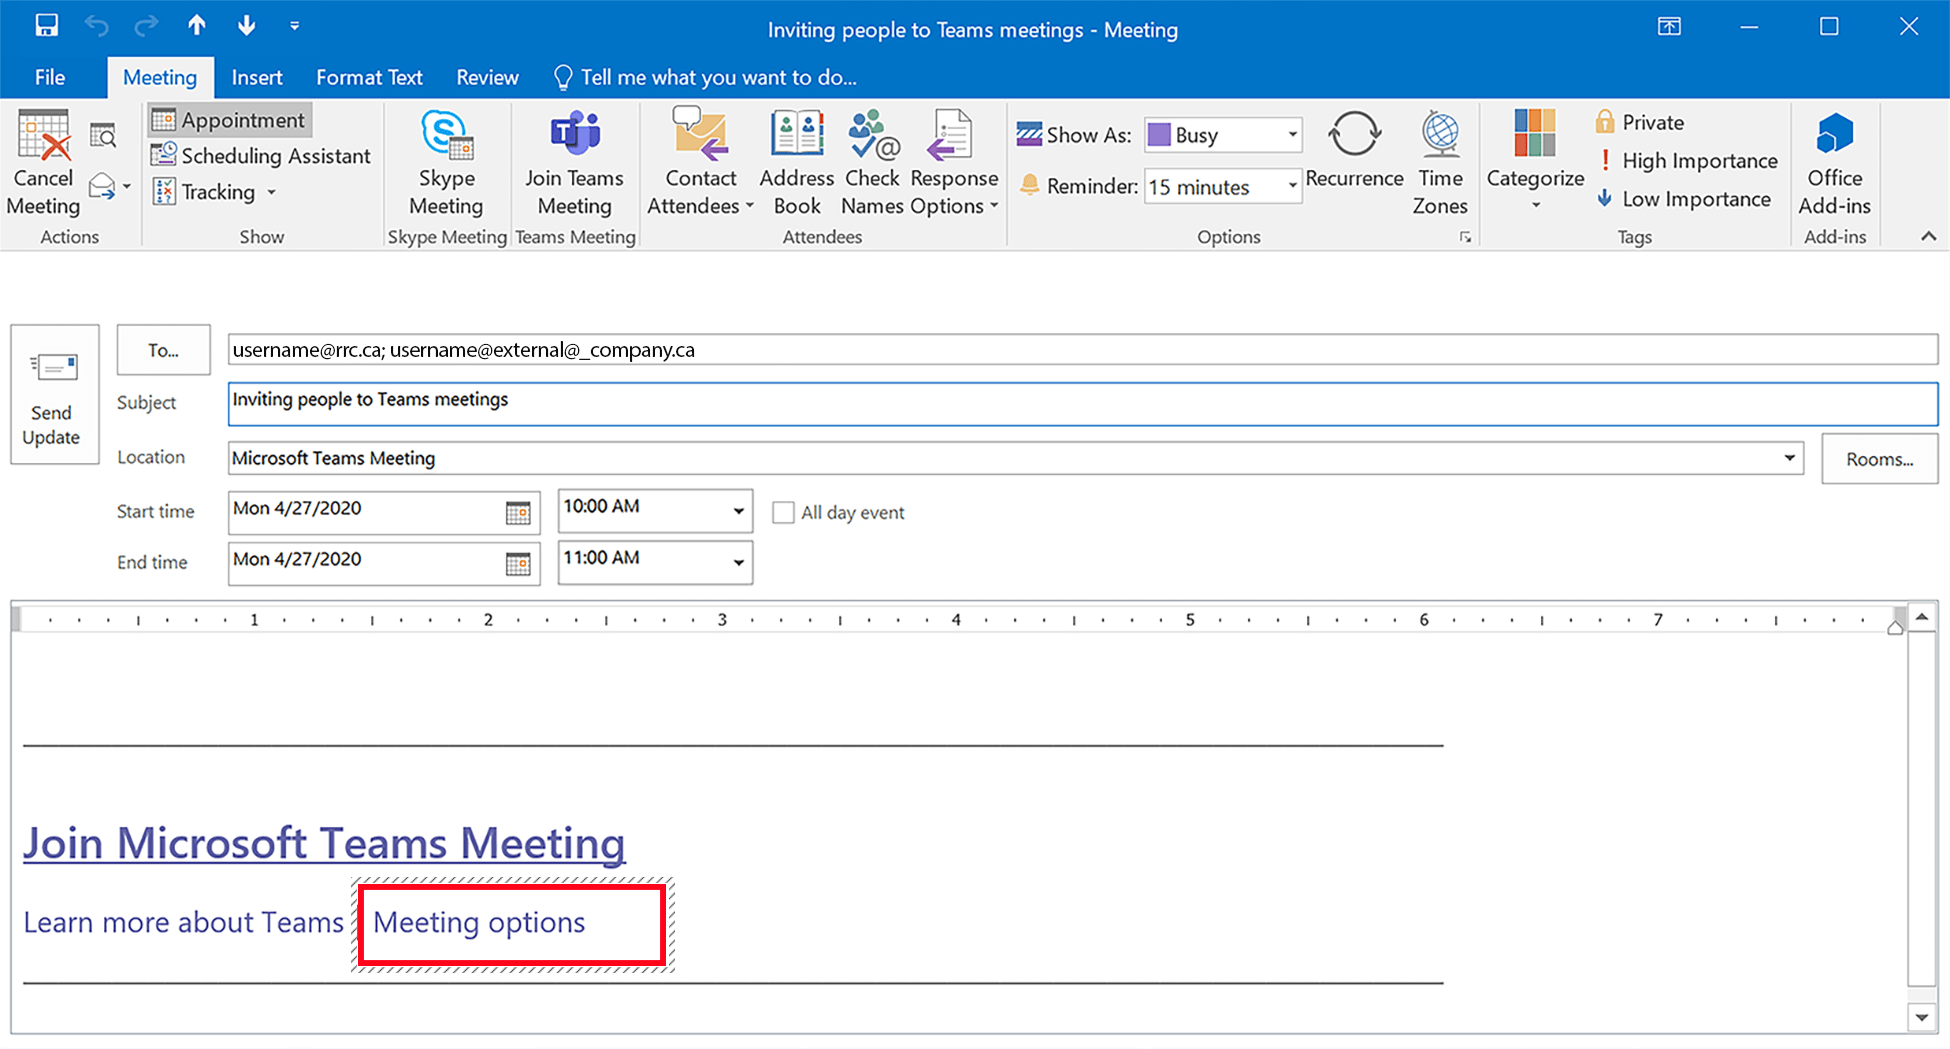 Teams Meeting options link